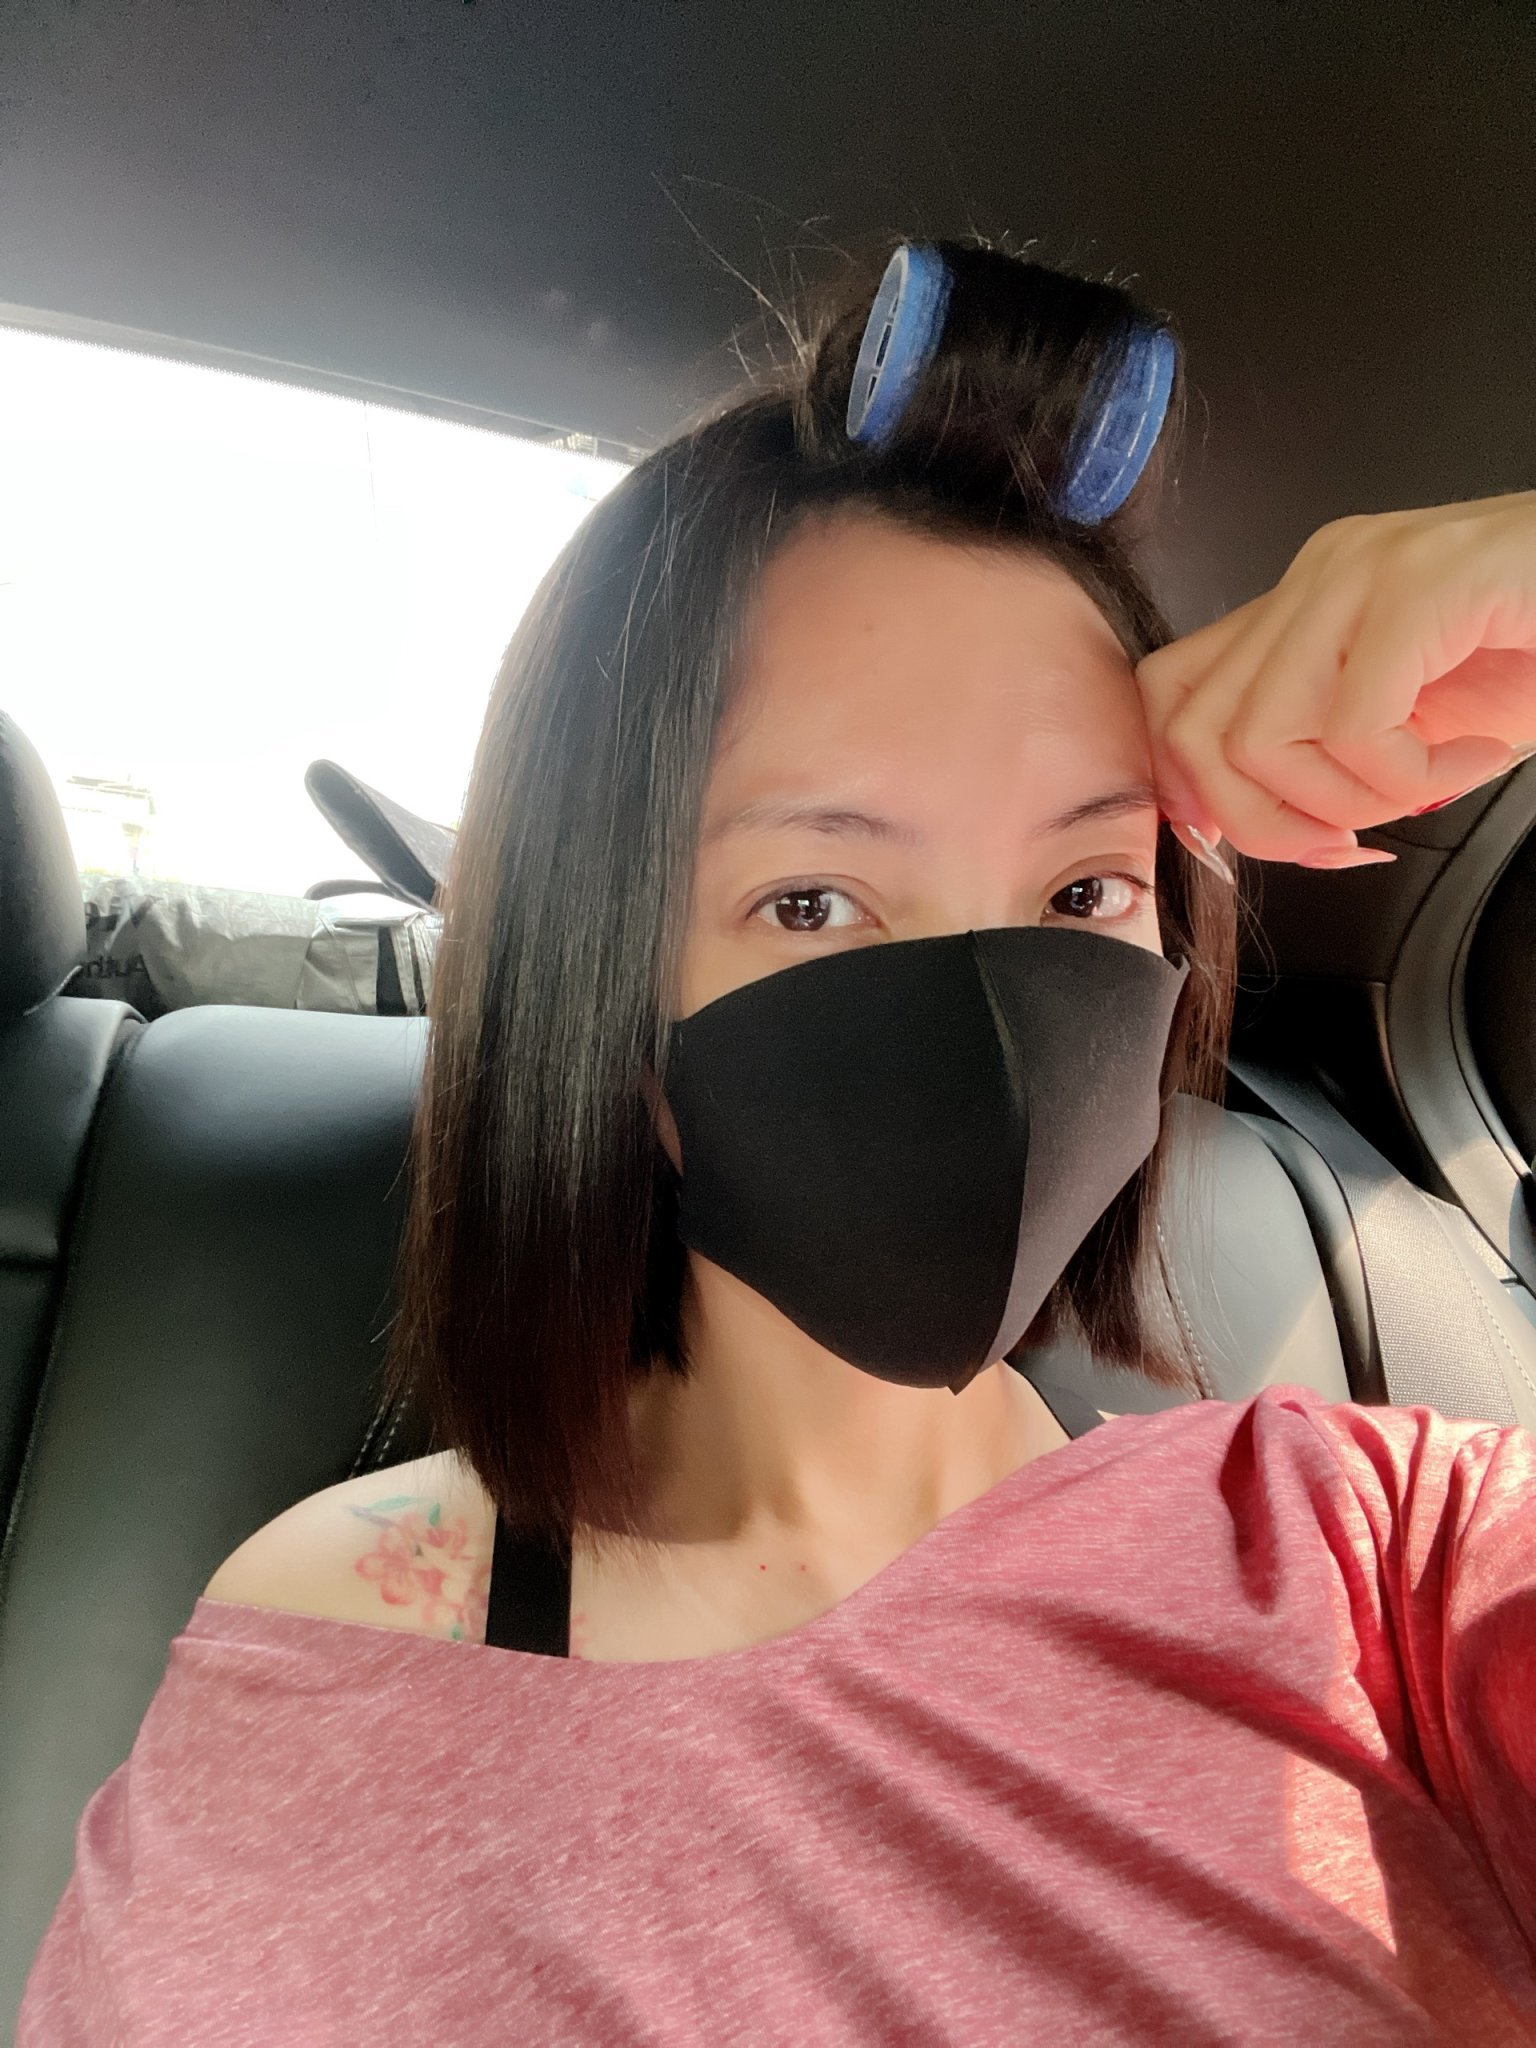 phut binh yen cua chi trung va ban gai kem 17 tuoi o que Sao Việt hôm nay 25/2: Phút bình yên của Chí Trung và bạn gái ở quê